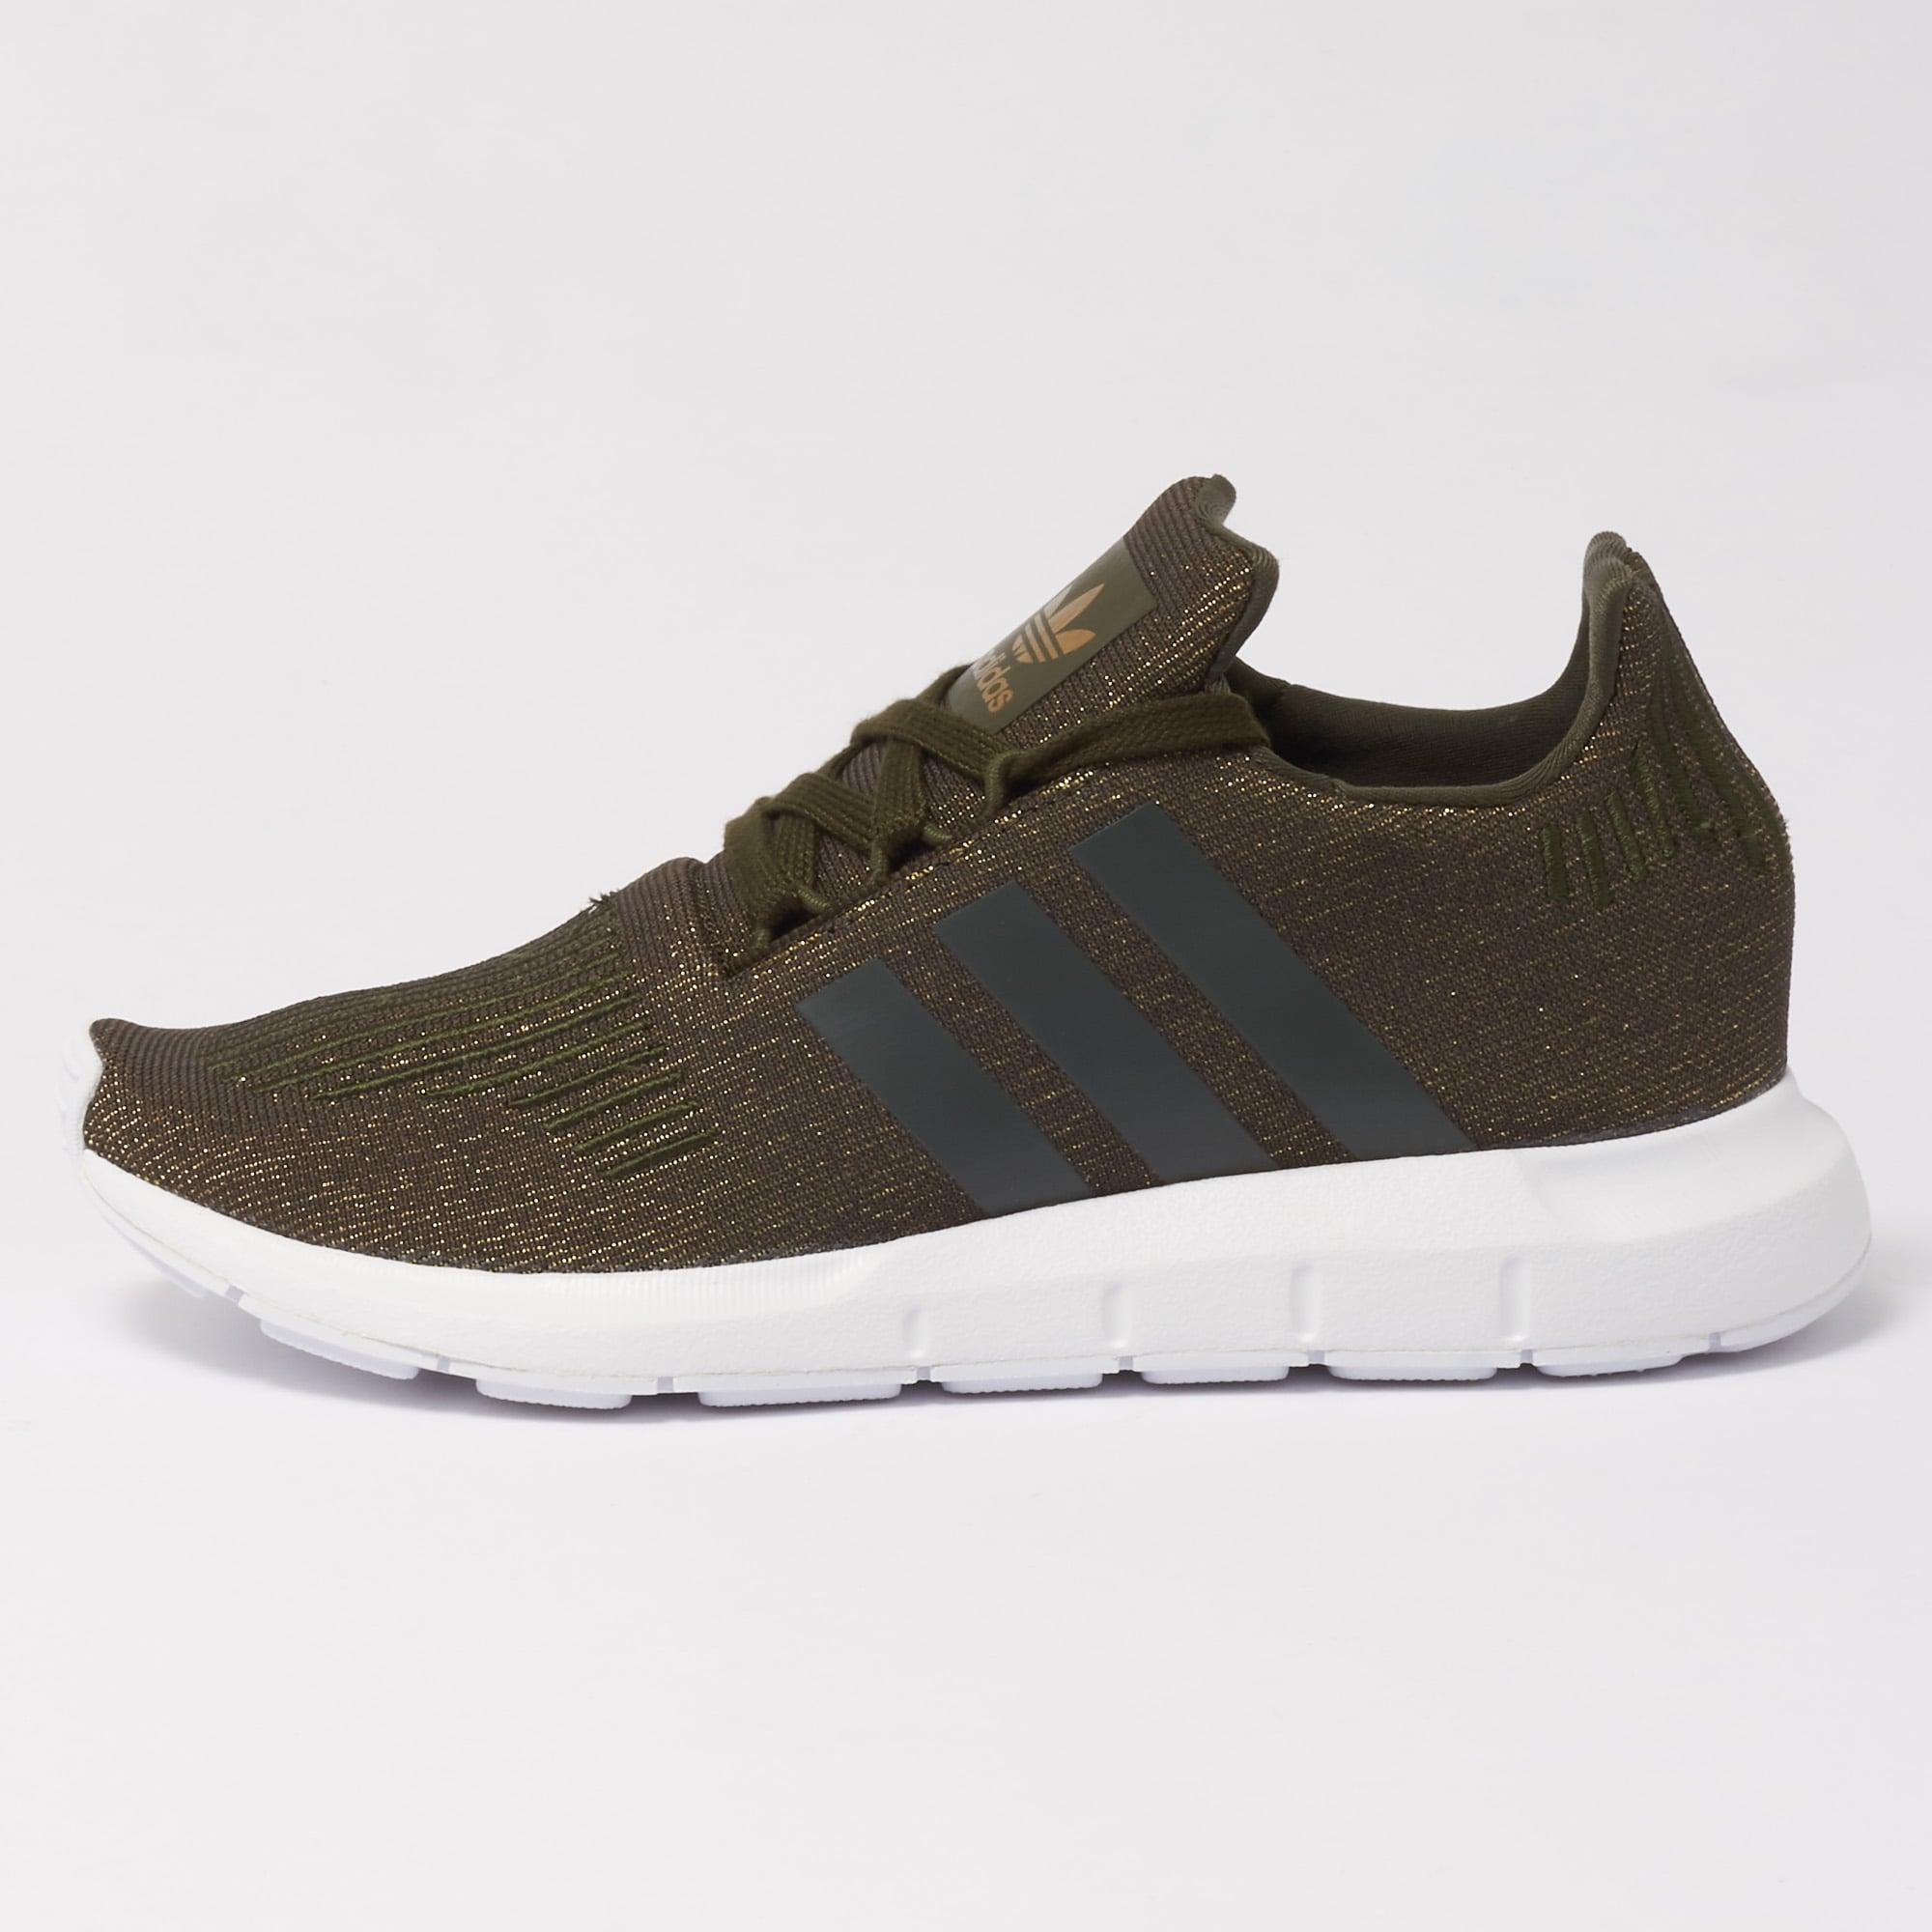 517bbc33e068a Adidas Originals Womens Swift Run Trainers